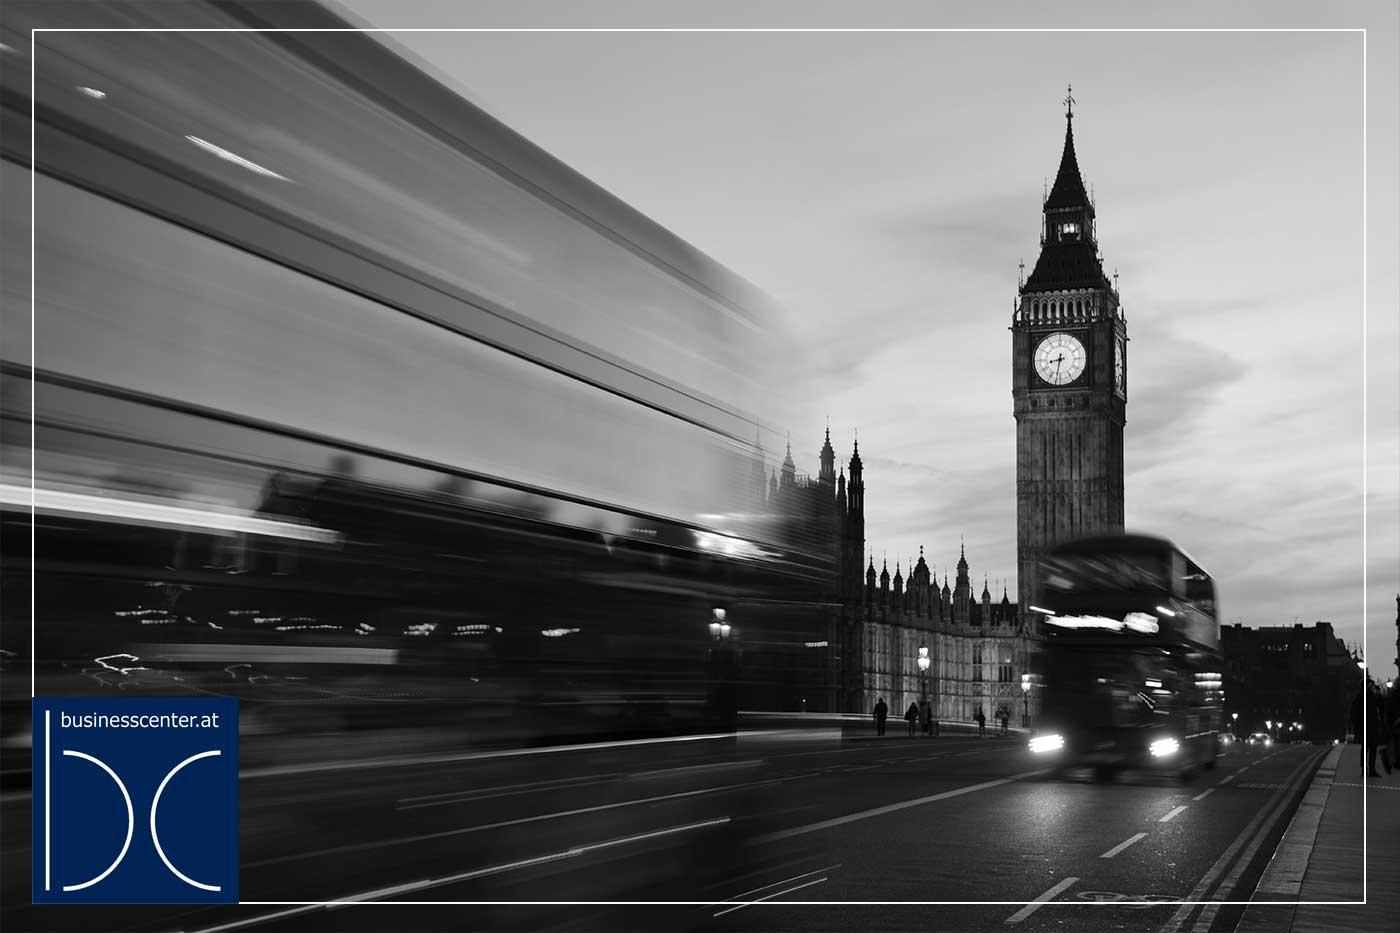 Ltd. gründen – Die Vor- und Nachteile der Gründung einer britischen Limited